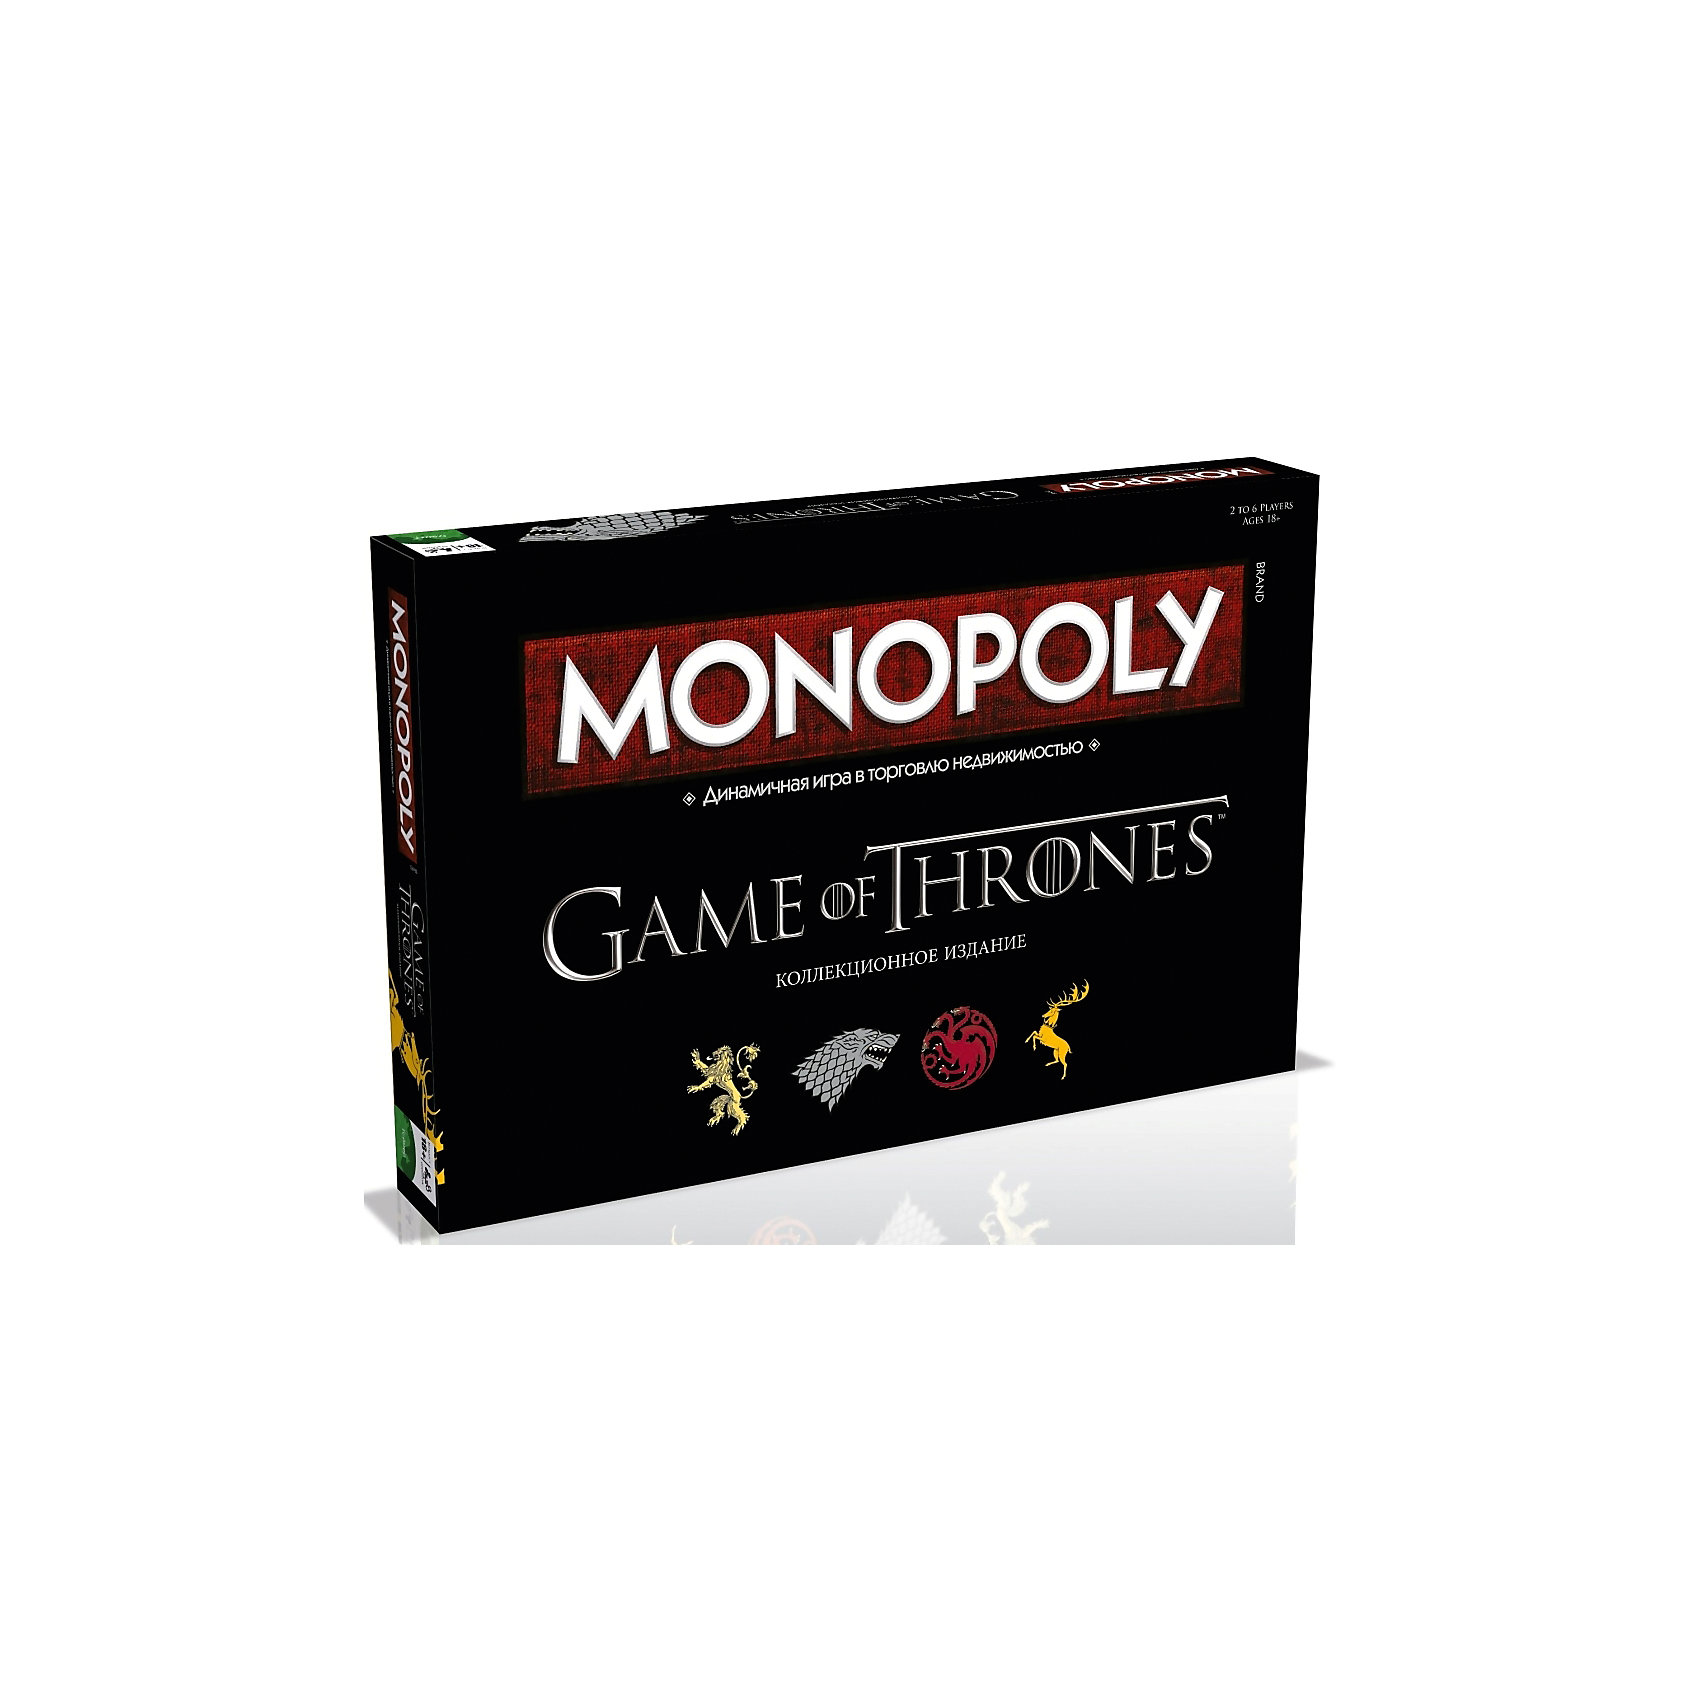 Настольная игра Монополия Игра ПрестоловИгры для развлечений<br>Характеристики:<br><br>• вид настольной игры: монополия;<br>• количество игроков: от 2 до 6 человек;<br>• продолжительность игры: от 60 минут;<br>• размер упаковки: 27x40x5 см.<br><br>Настольная игра «Монополия» - динамическая игра в торговлю с недвижимостью. Неизменные правила игры, азарт, логика, борьба сильнейших. Настольная игра Монополия - это игра для тех, кто способен удержать Трон.<br><br>Комплектация настольной игры Monopoly Игры Престолов: <br><br>• специальное игровое поле;<br>• 6 коллекционных фишек;<br>• 28 карточек – документов на право собственности;<br>• 16 карточек «ВАЛАР МОРГУЛИС»;<br>• 16 карточек «ЖЕЛЕЗНЫЙ ТРОН»;<br>• 32 деревни;<br>• 12 крепостей;<br>• 1 комплект специальных денег;<br>• 2 игральных кубика;<br>• правила игры.<br><br>Настольную игру Монополия Игра Престолов, можно купить в нашем интернет-магазине.<br><br>Ширина мм: 270<br>Глубина мм: 400<br>Высота мм: 50<br>Вес г: 1117<br>Возраст от месяцев: 216<br>Возраст до месяцев: 2147483647<br>Пол: Унисекс<br>Возраст: Детский<br>SKU: 5236172